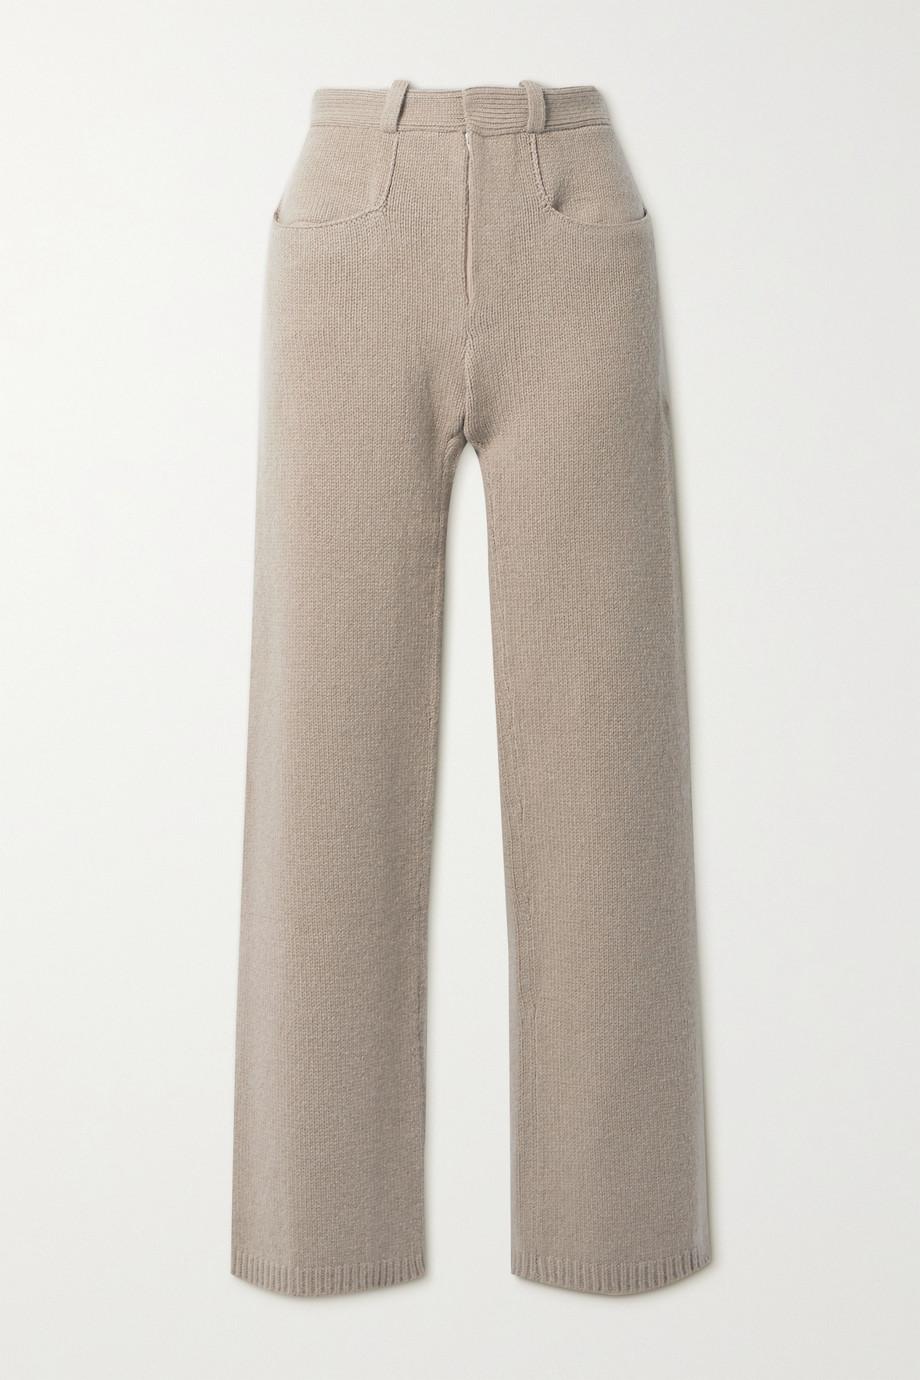 Deveaux Pearl 羊毛羊绒混纺直筒裤